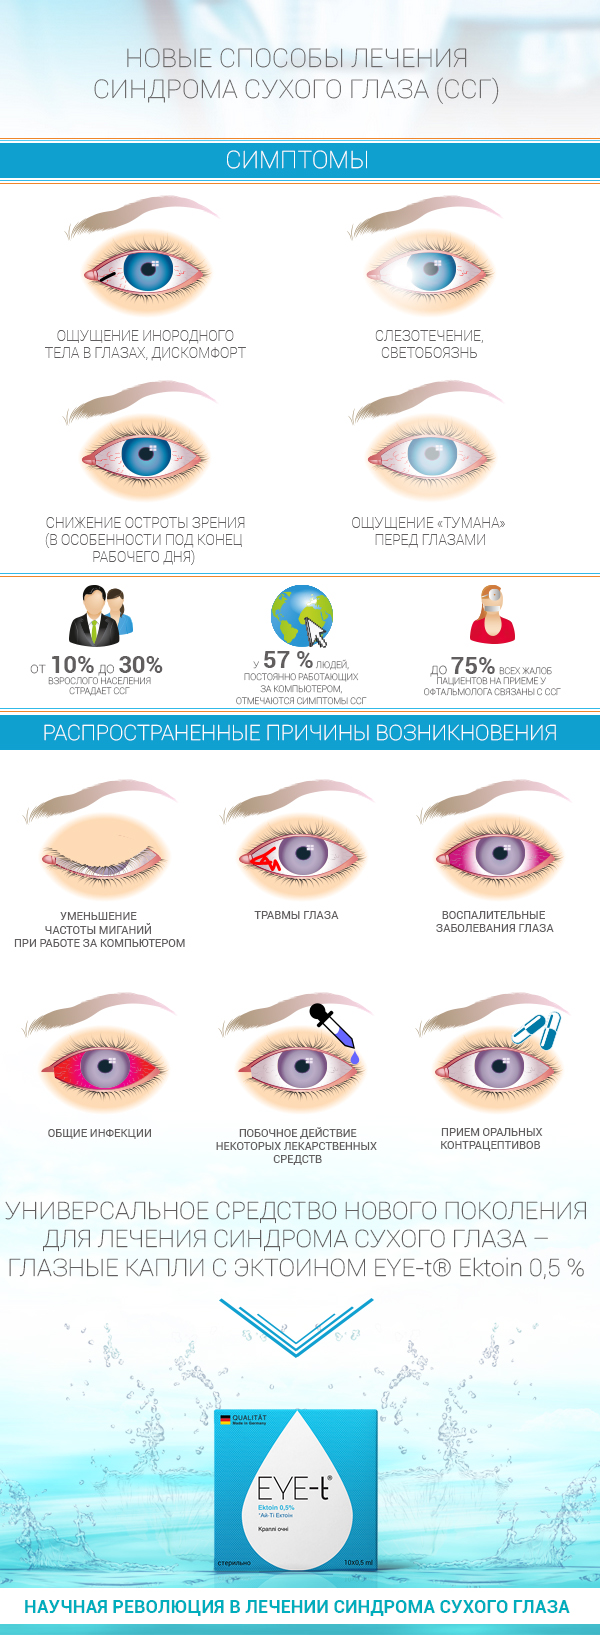 Синдром сухого глаза - симптомы, лечение, причины. капли от сухости в глазах